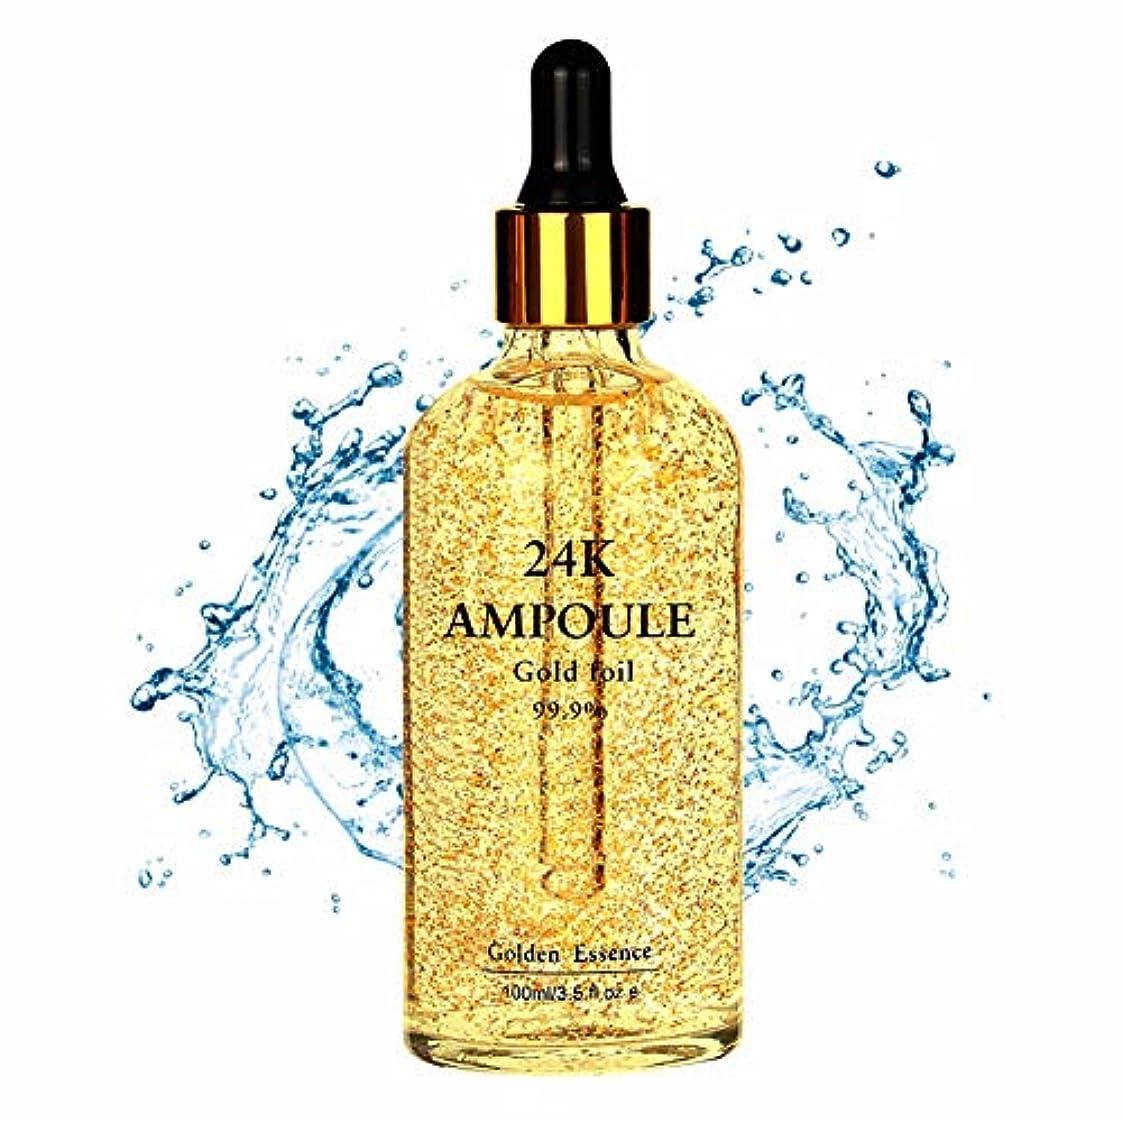 結核知性シルク顔のための24K純粋な金のペプチッド血清、反しわ、反老化および明るくなる皮の調子の皮のためのヒアルロン酸の血清